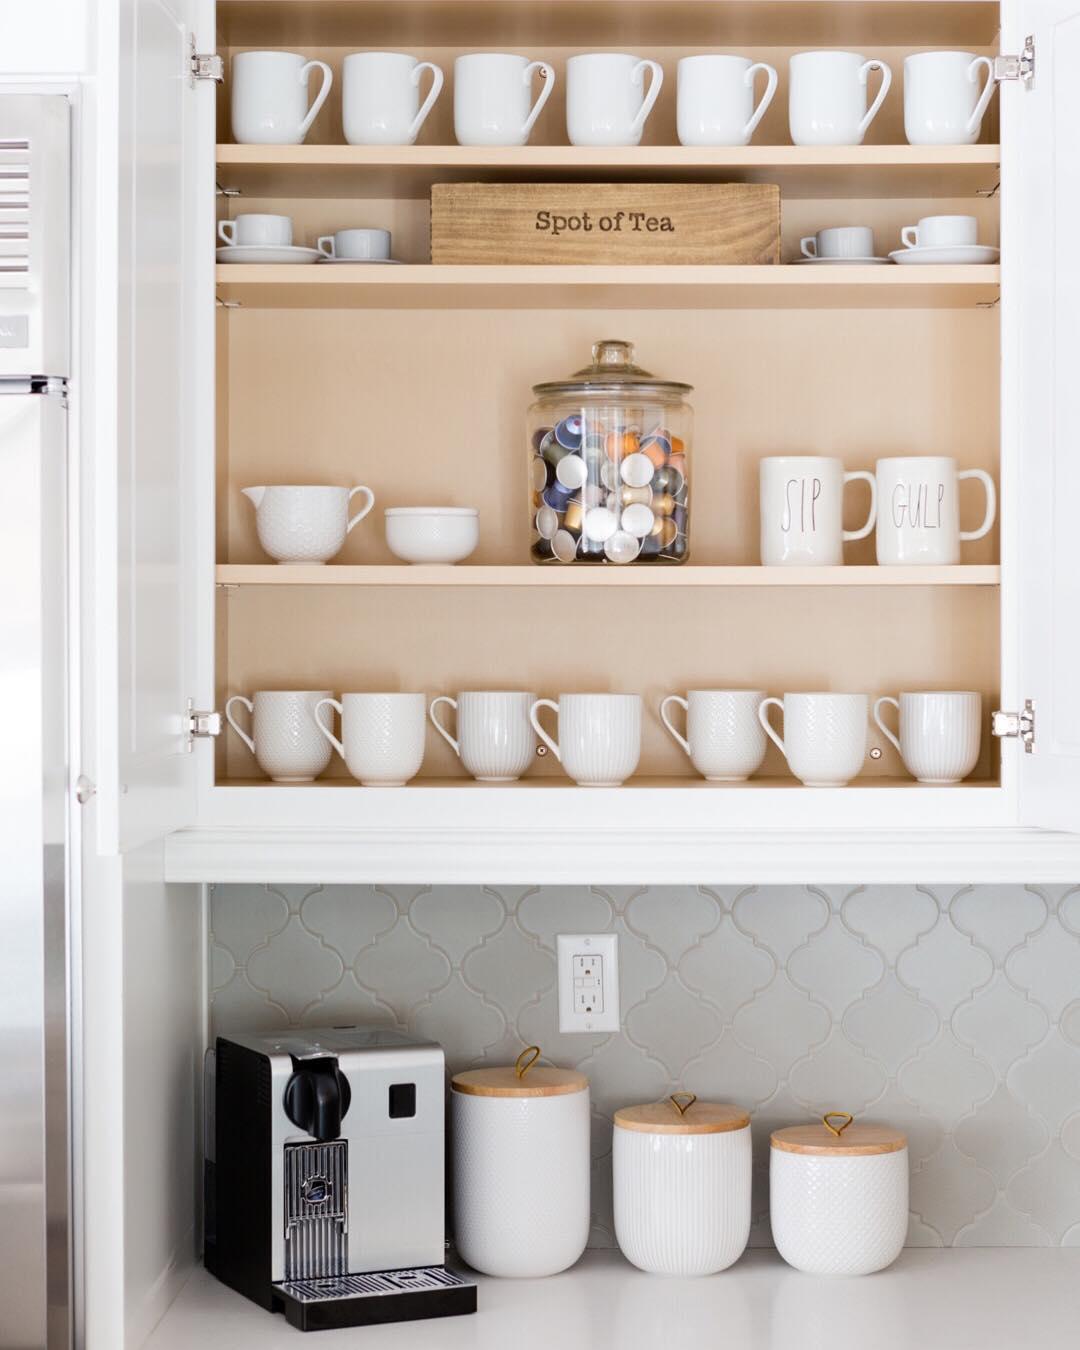 организация хранения на кухне фото 6